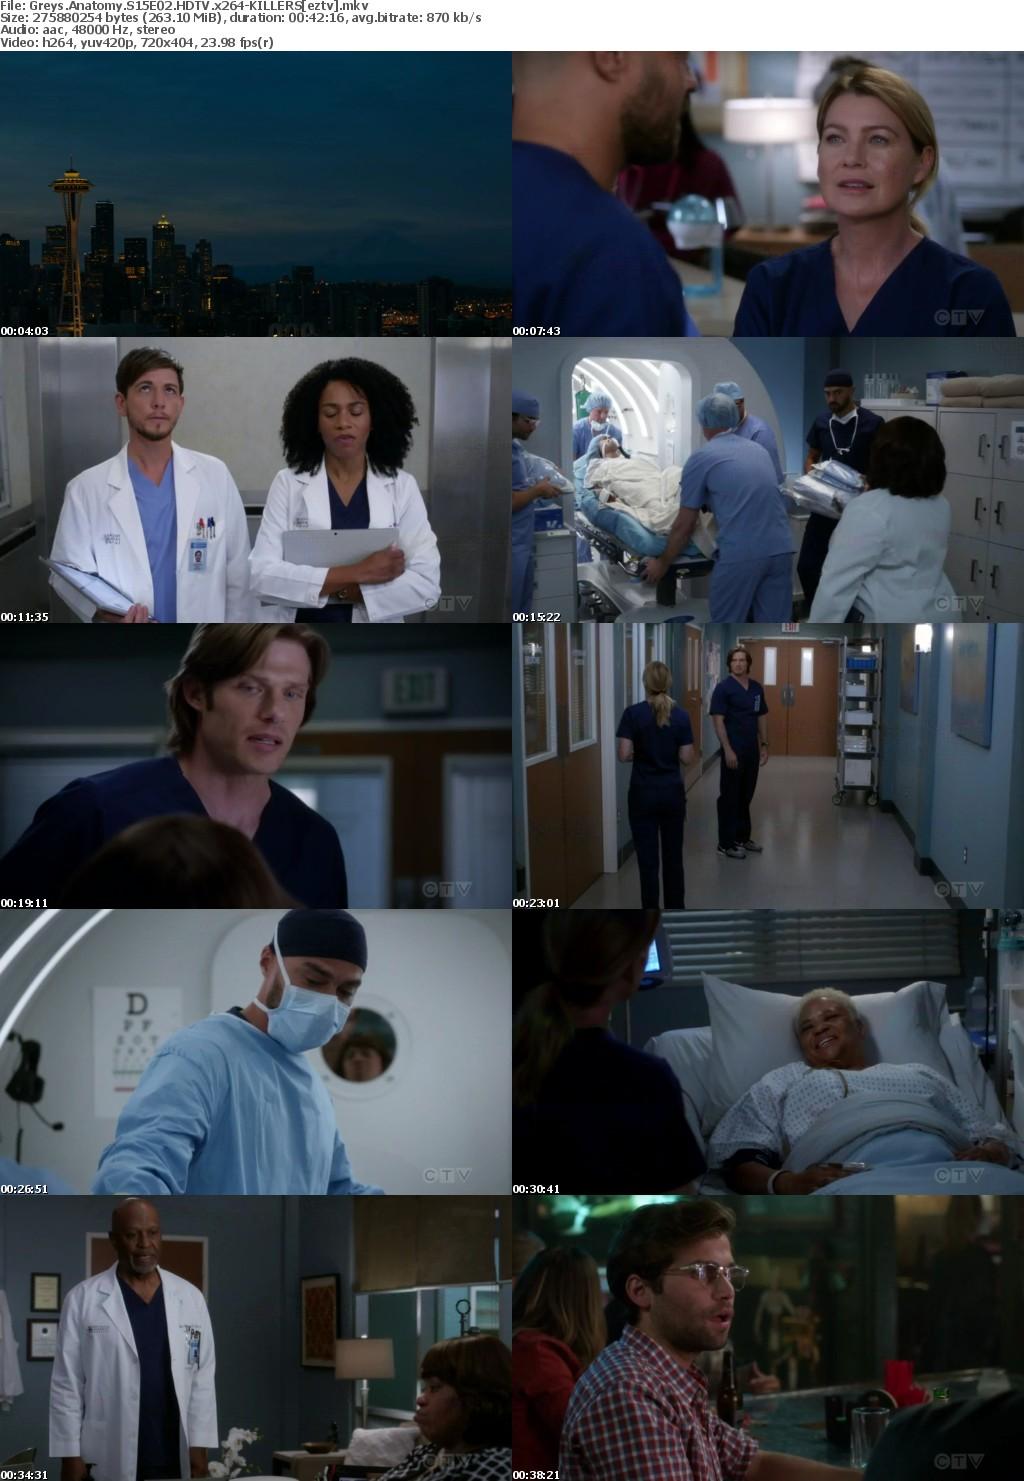 Greys Anatomy S15E02 HDTV x264-KILLERS